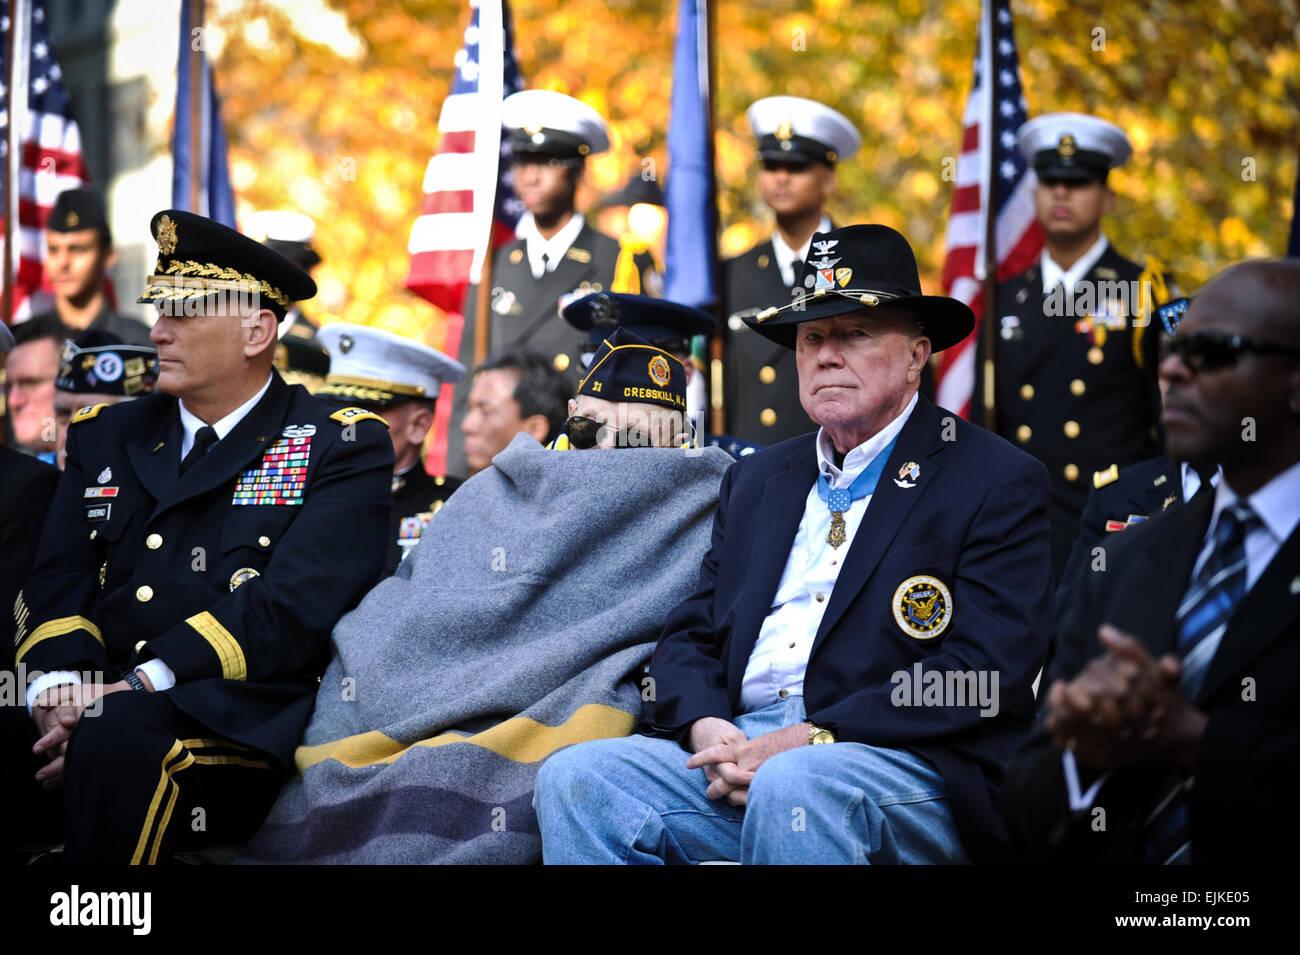 Esercito pensionato Col. Bruce P. Crandall, destra e Nicholas Oresko, centro, entrambi i destinatari della medaglia d'onore, assistere i veterani giorno attività a Madison Square Park di New York City e New York in onore dei veterani di guerra nov. 11, 2011. Oresko è la più antica Medal of Honor destinatario. Il personale Sgt. Teddy Wade Foto Stock